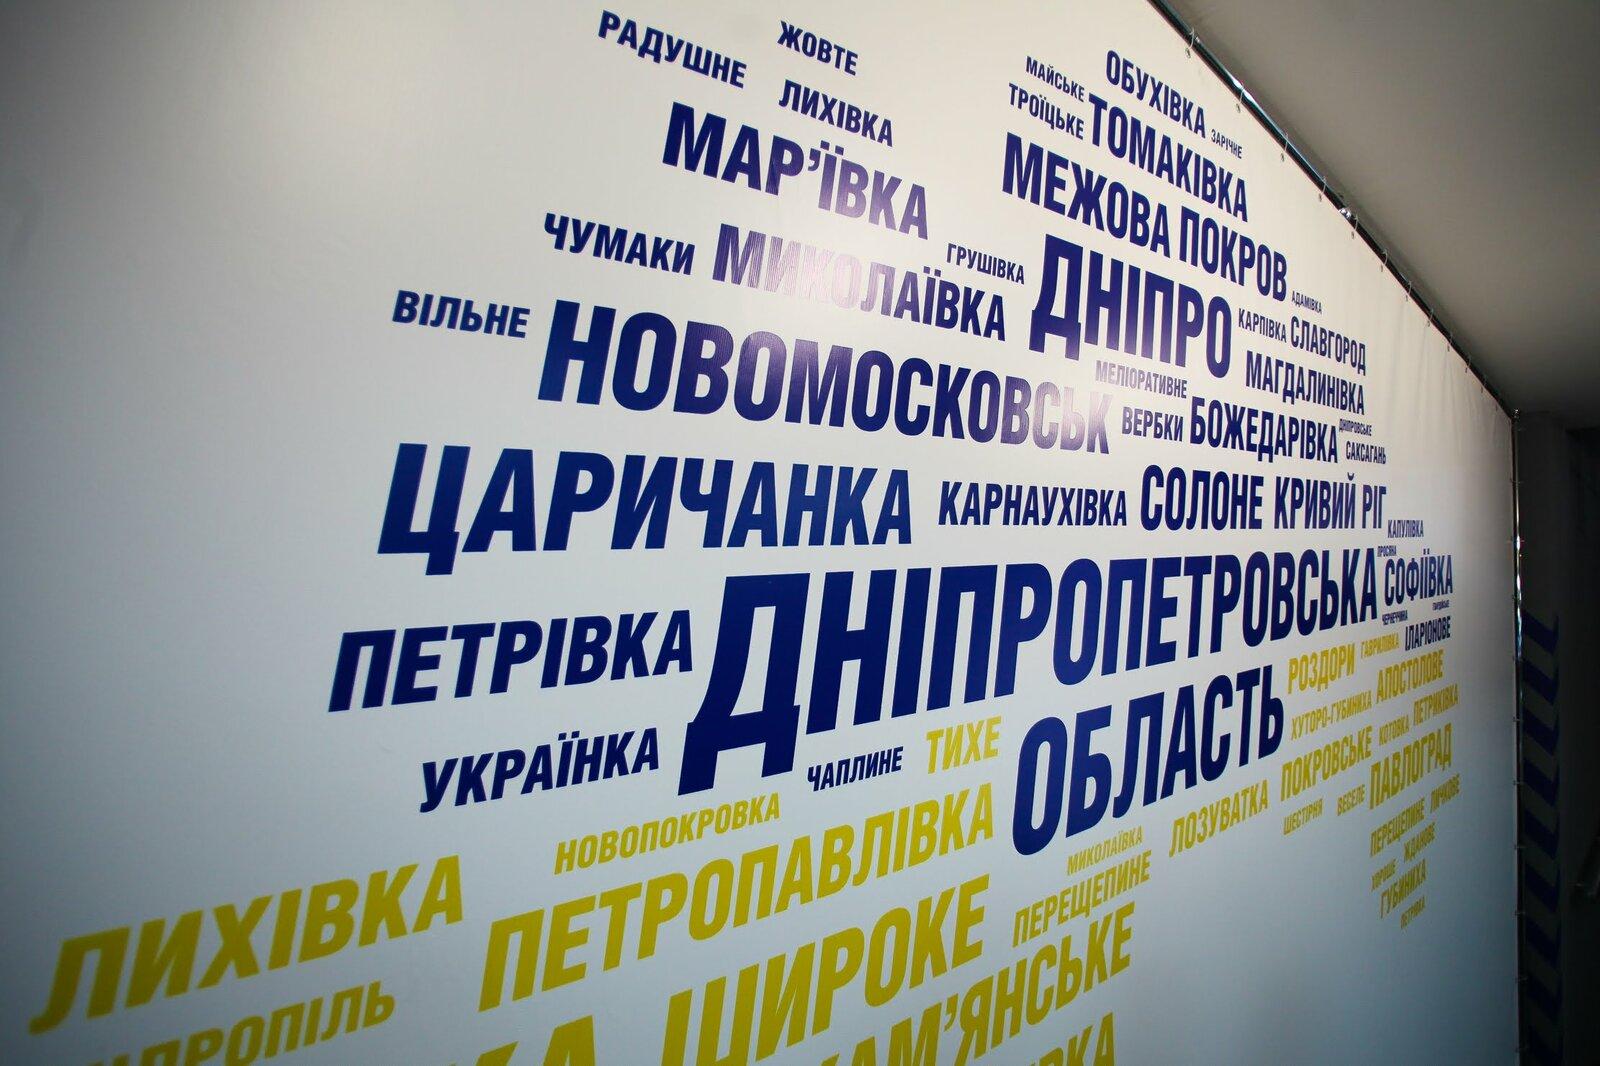 Децентрализация - это возможность для каждого гражданина менять свою жизнь - Петр Порошенко